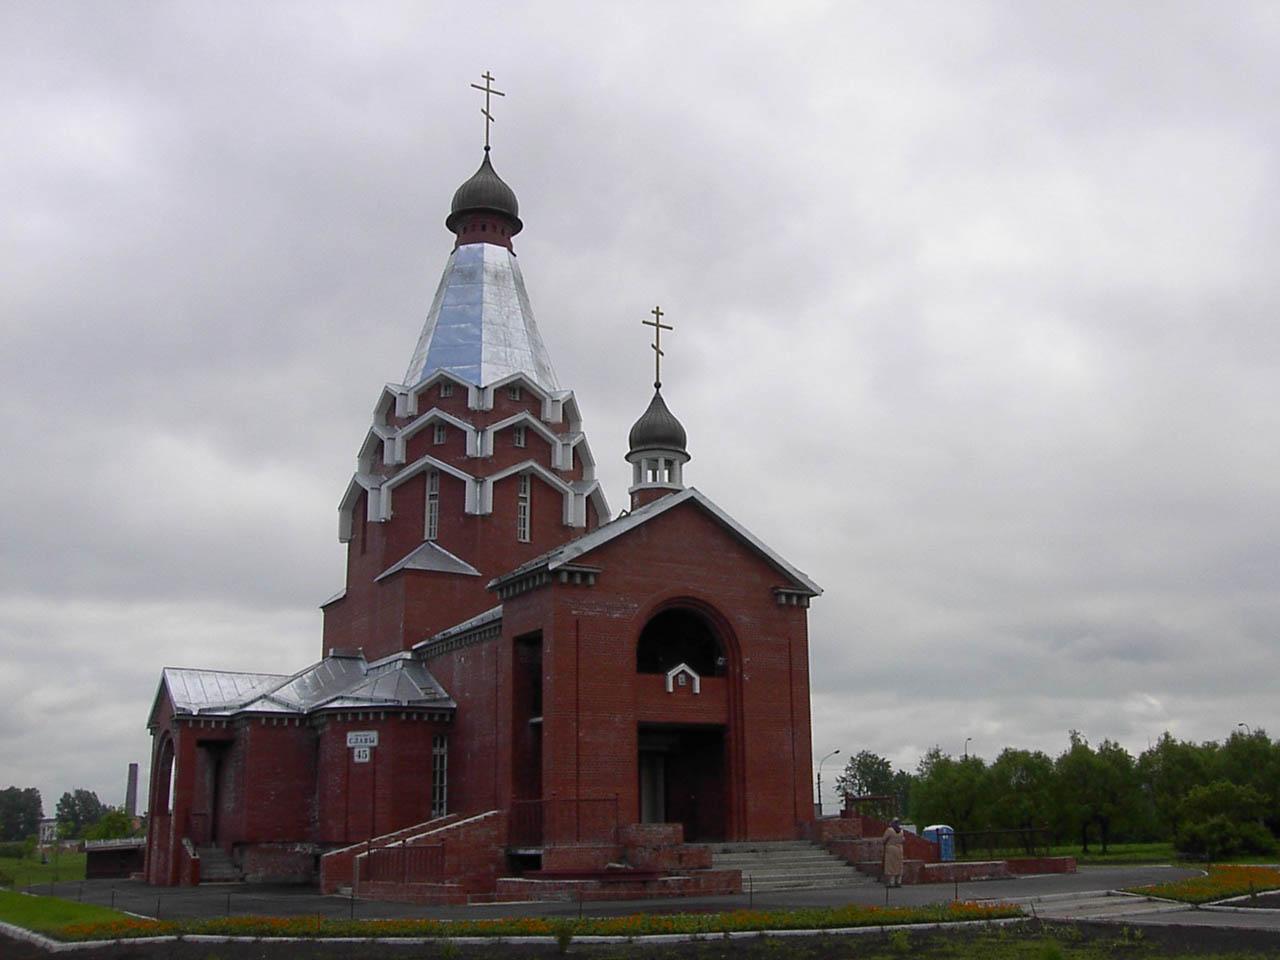 Церковь святого георгия победоносца в спб